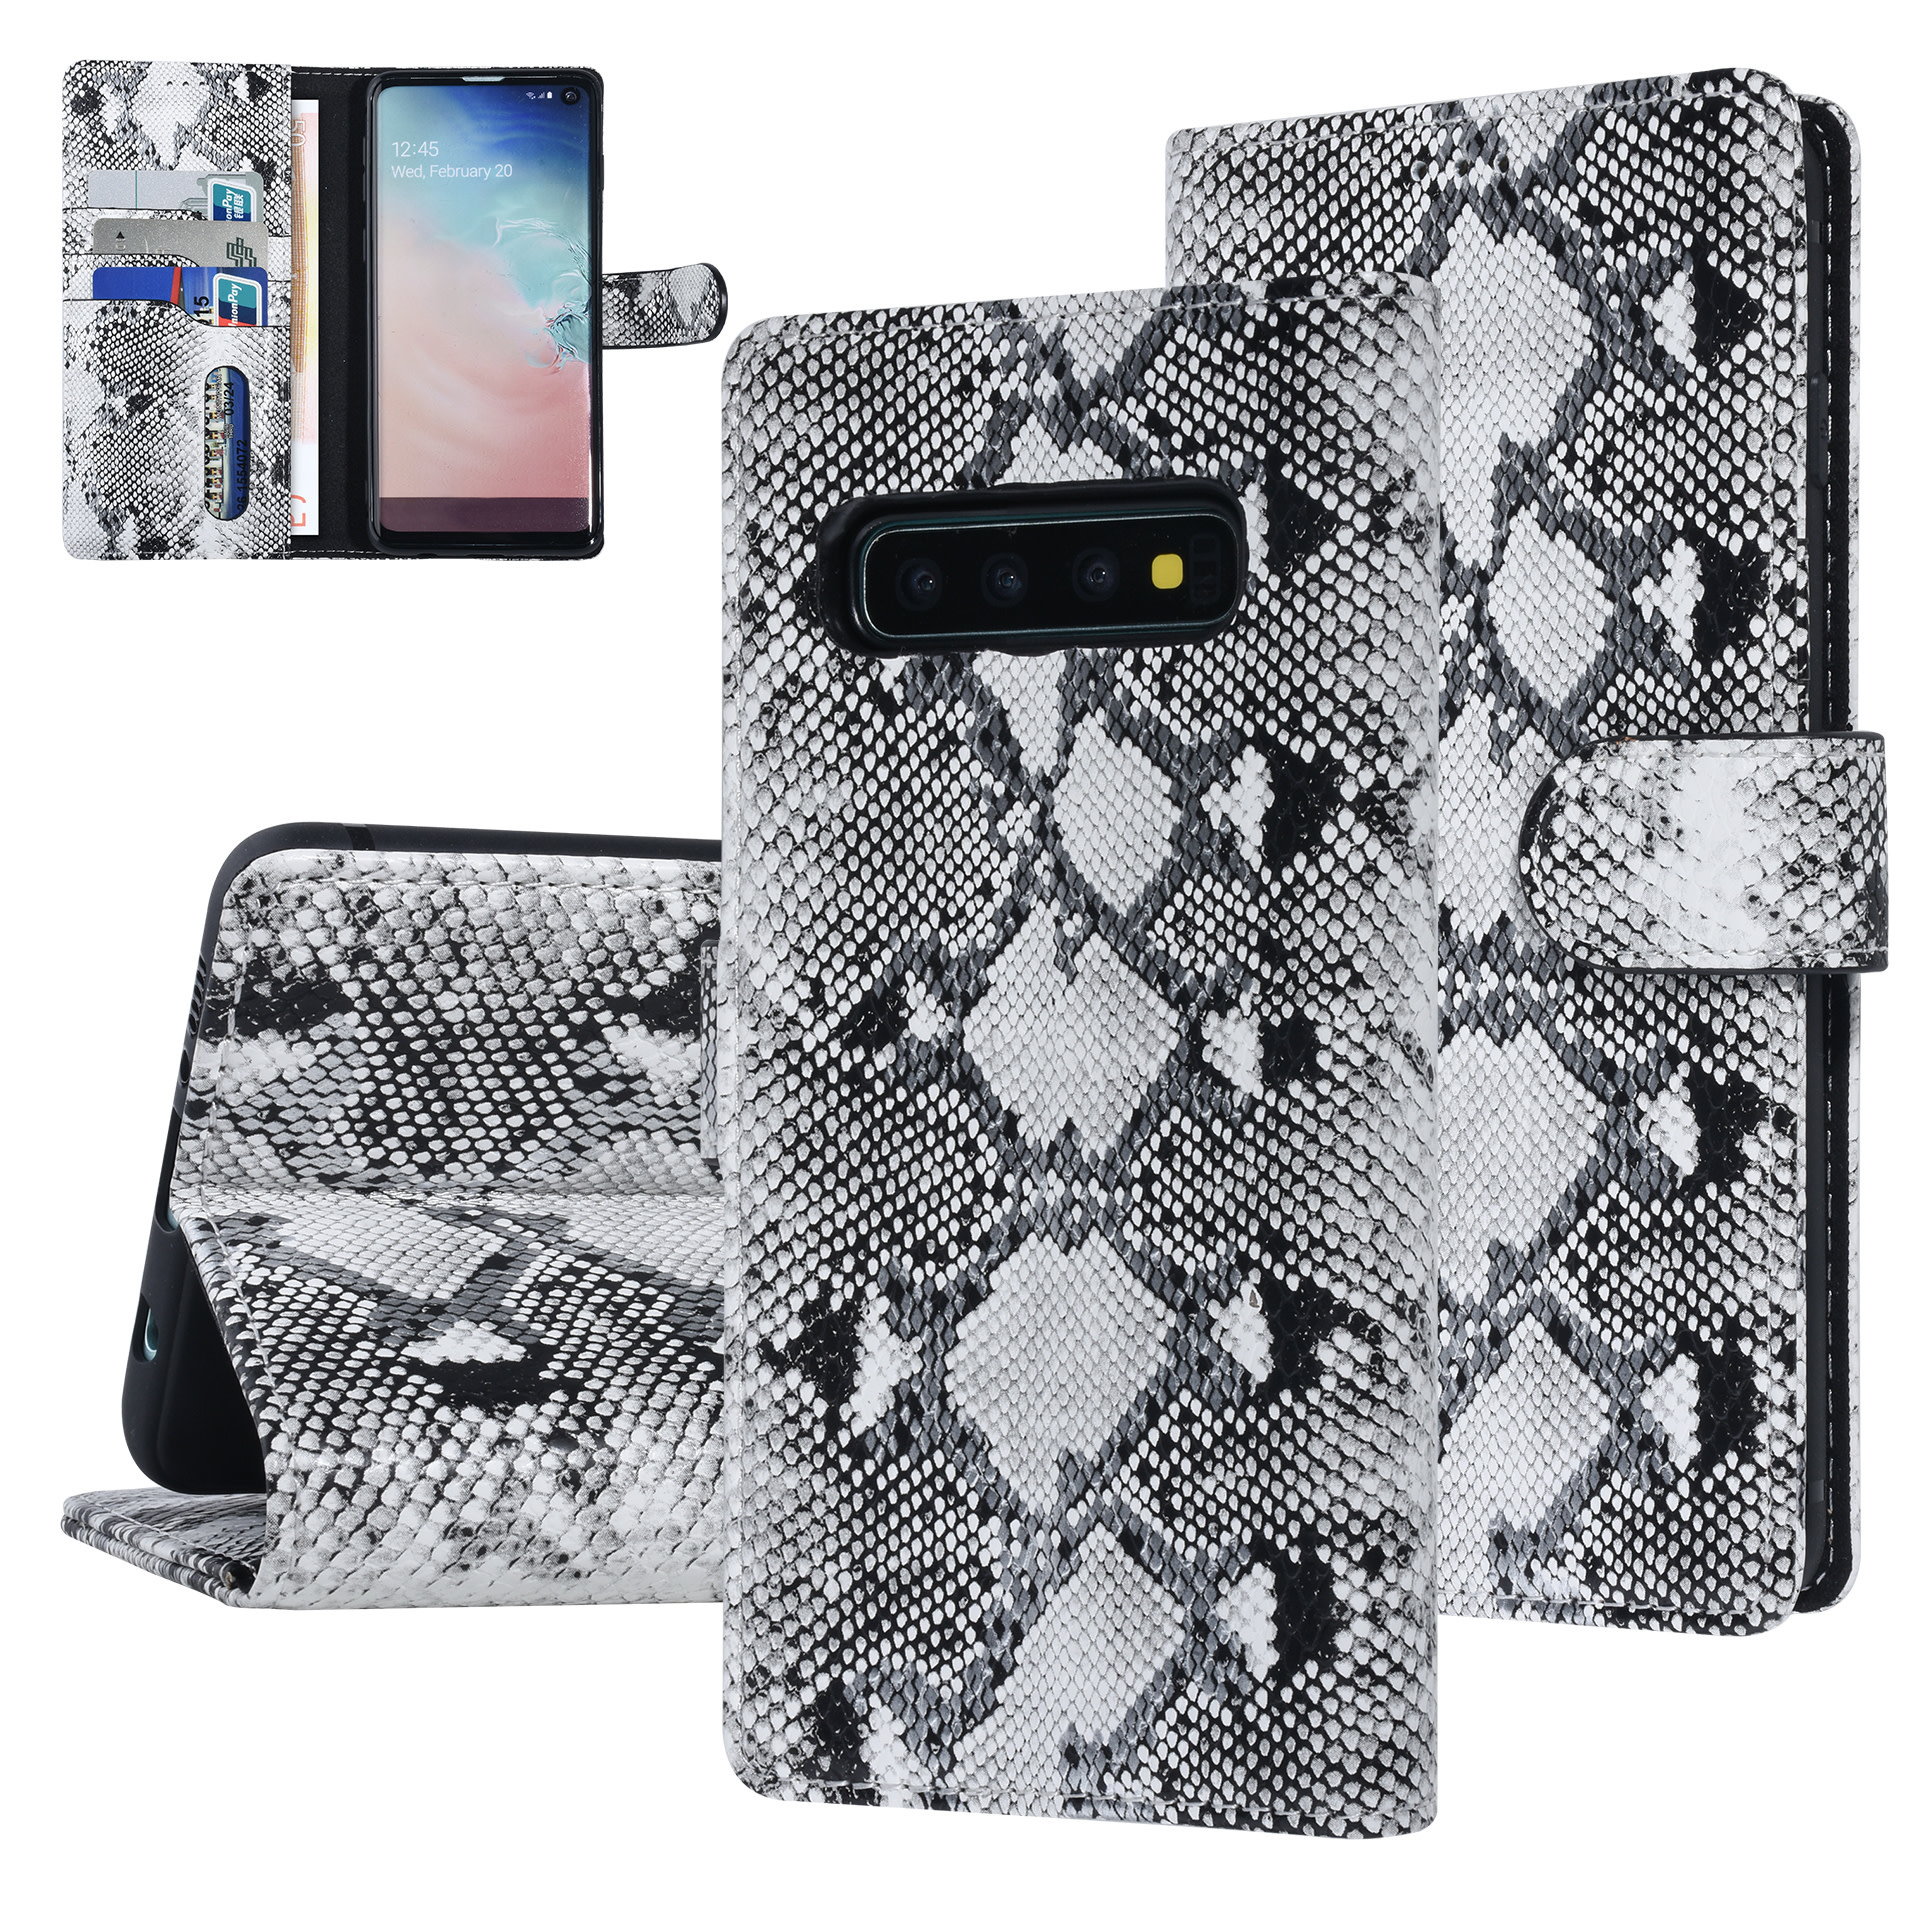 UNIQ Accessory Galaxy S10 Schwars und Weiss Schlangenhaut Book-Case hul